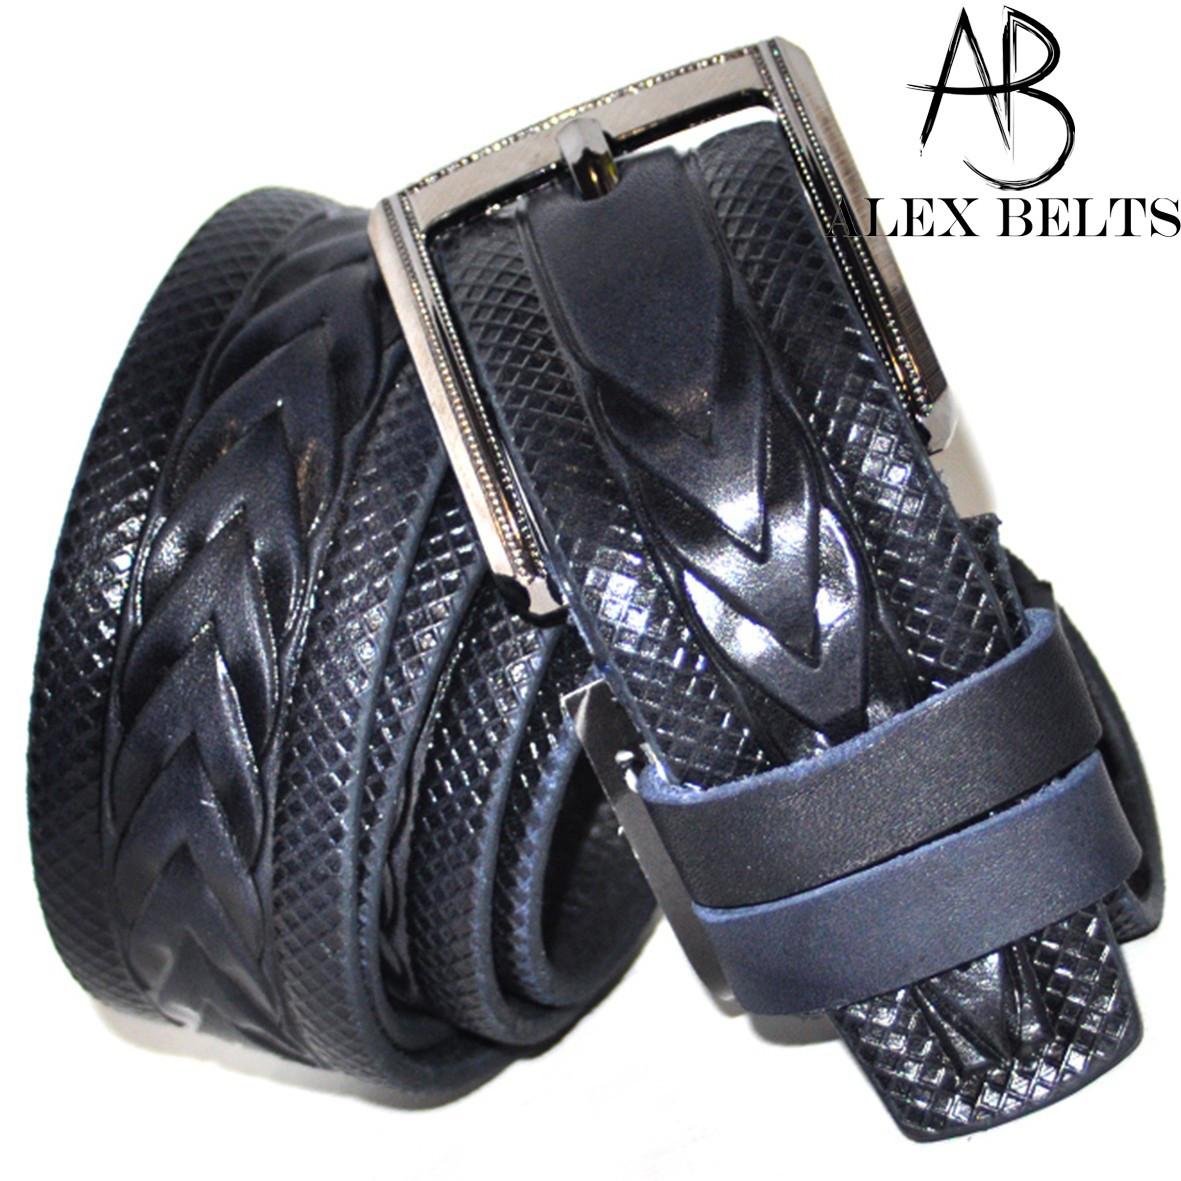 7cd473cee212 Ремень мужской брючный кожаный линейка 35 мм - купить оптом в Одессе -  ALEXBELTS.COM